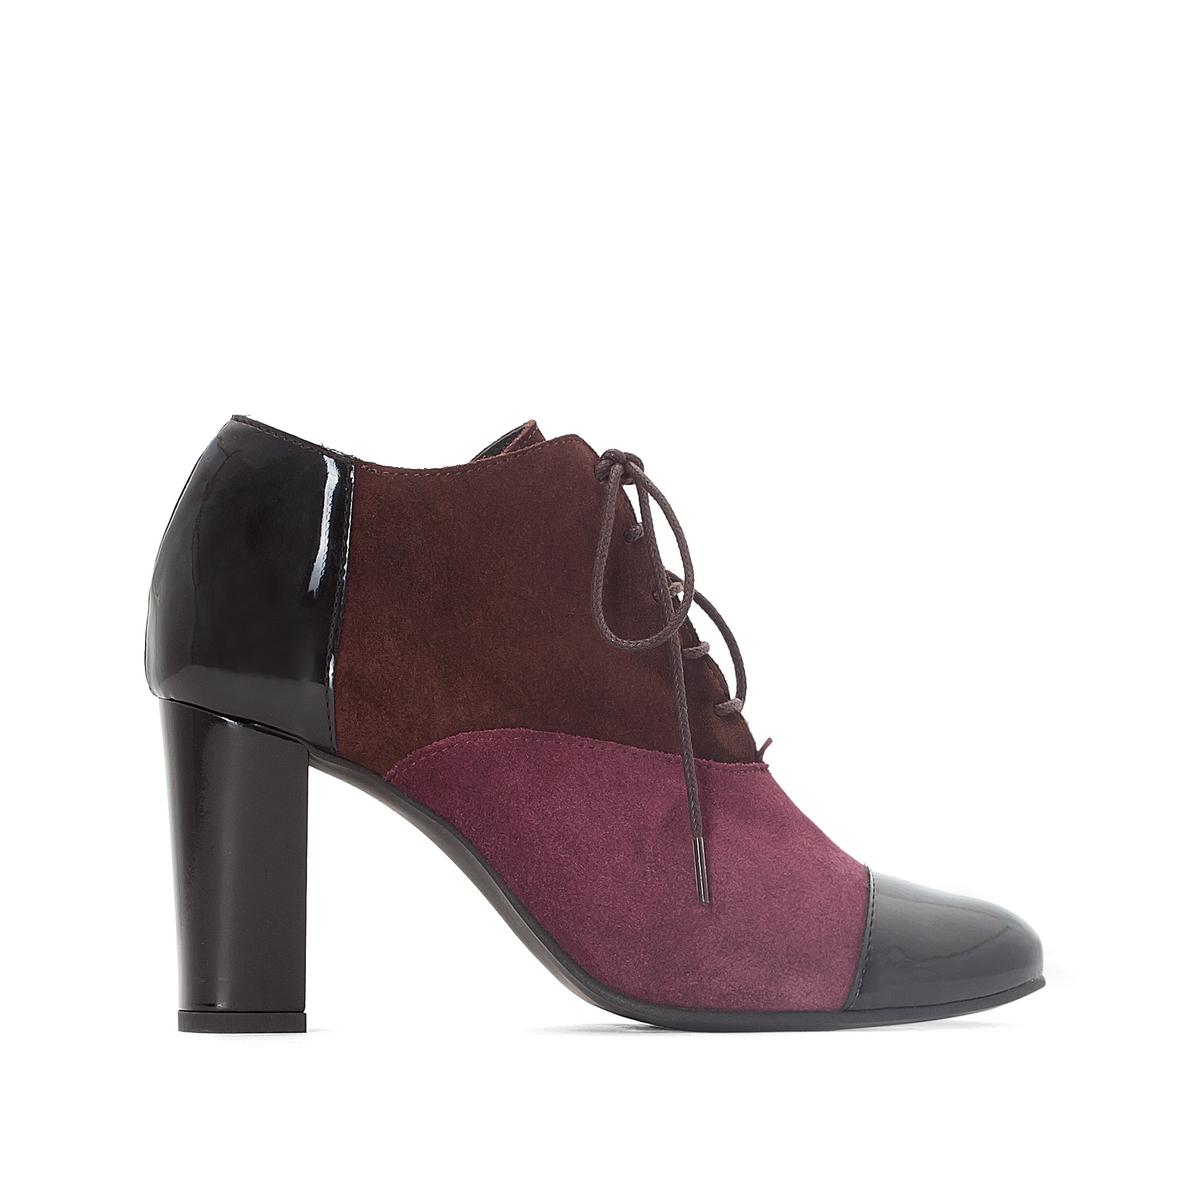 купить Ботинки-дерби трехцветные кожаные на высоком каблуке недорого